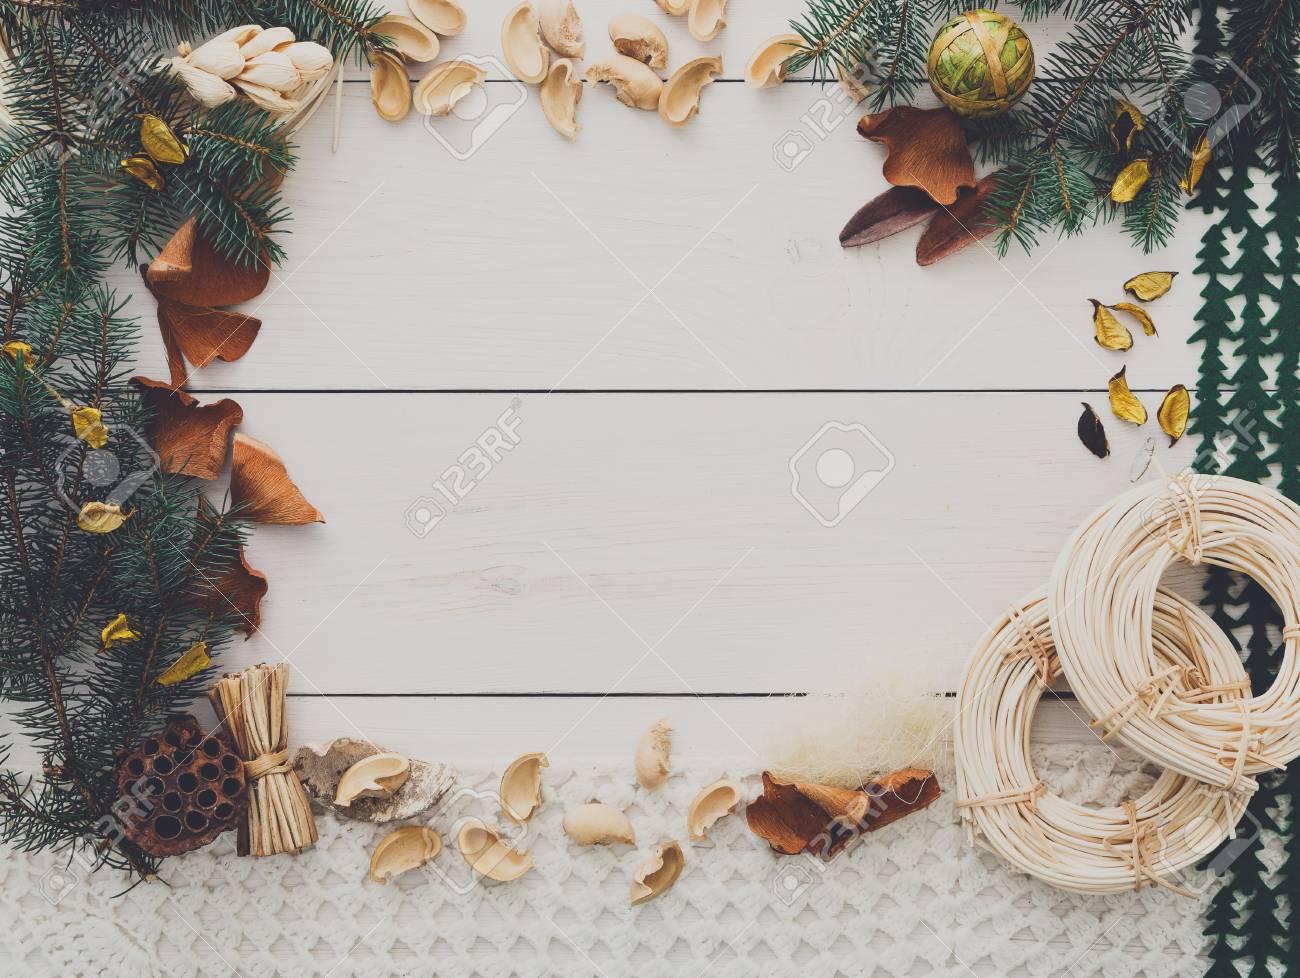 La Decoración De Navidad Hecha A Mano Concepto Del Marco De Fondo ...